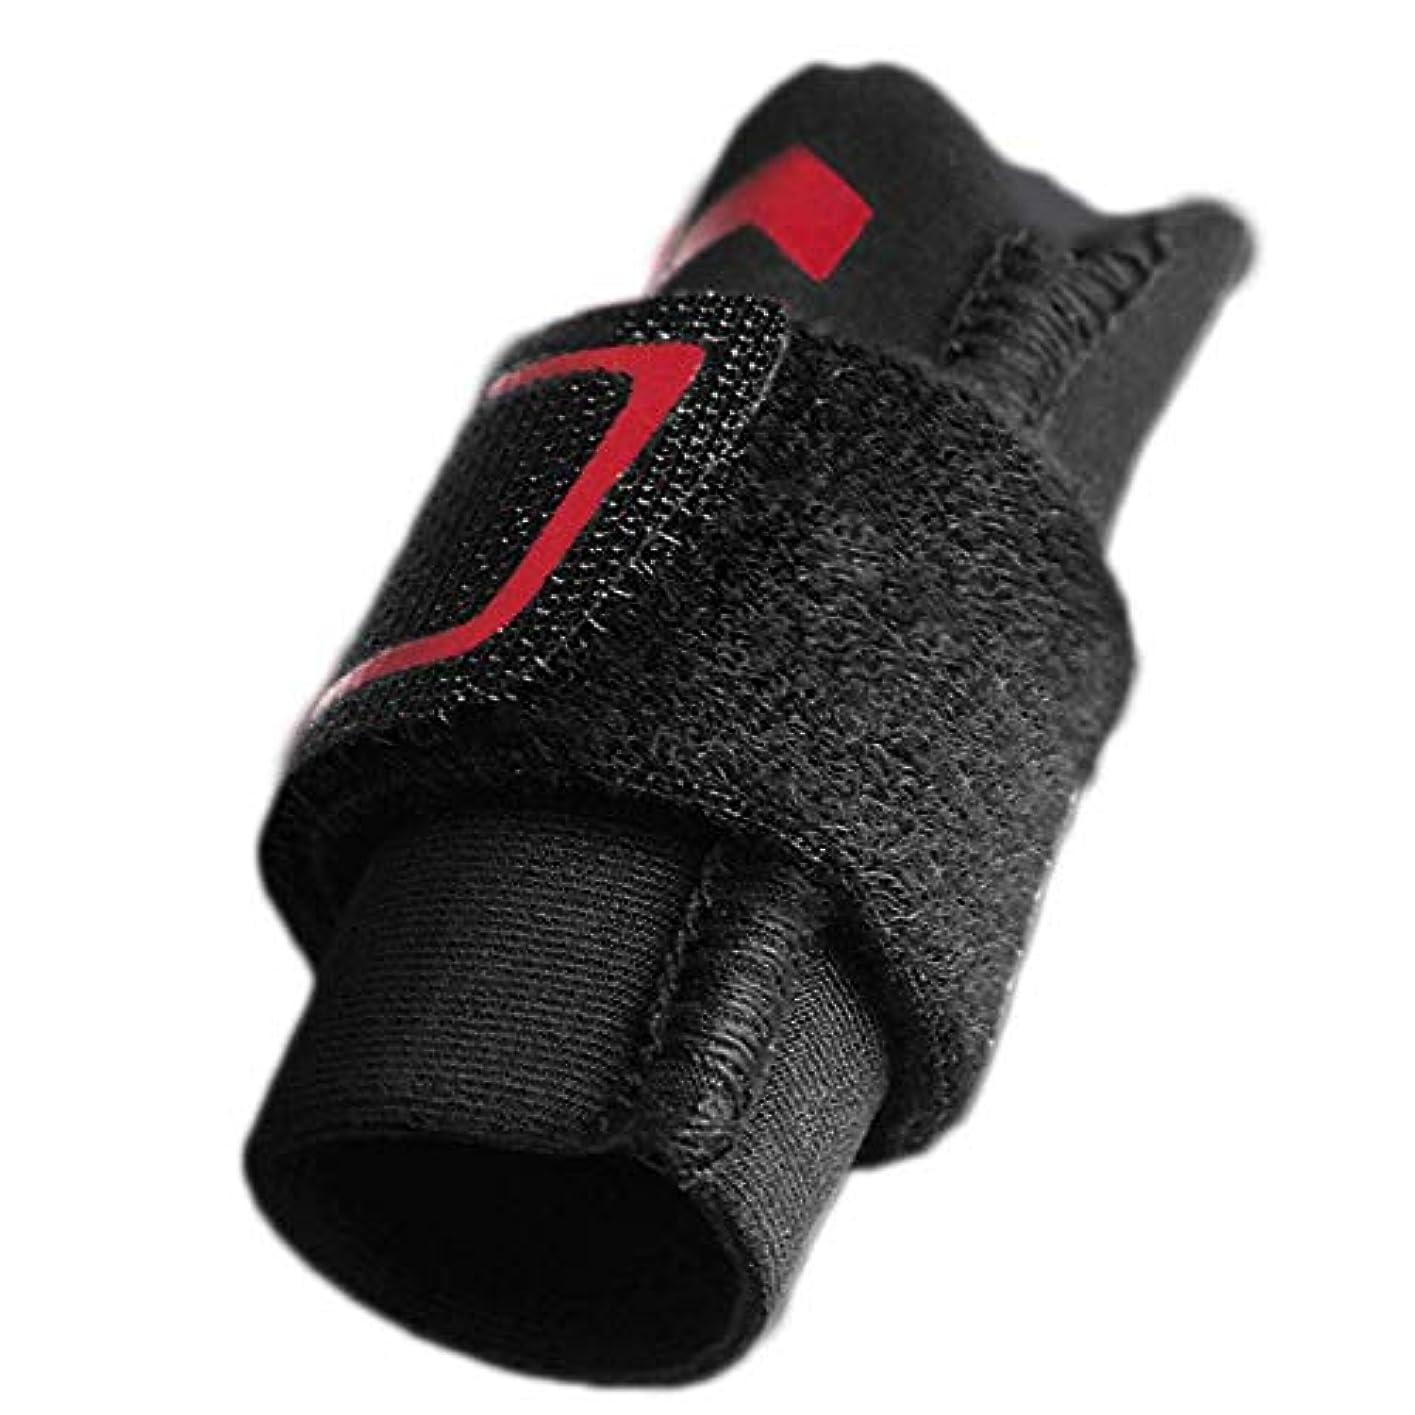 できた感心する手書き指の損傷のサポート、指スリーブのサポートプロテクターの指の添え木、調整可能なベルクロ、関節痛の緩和,L